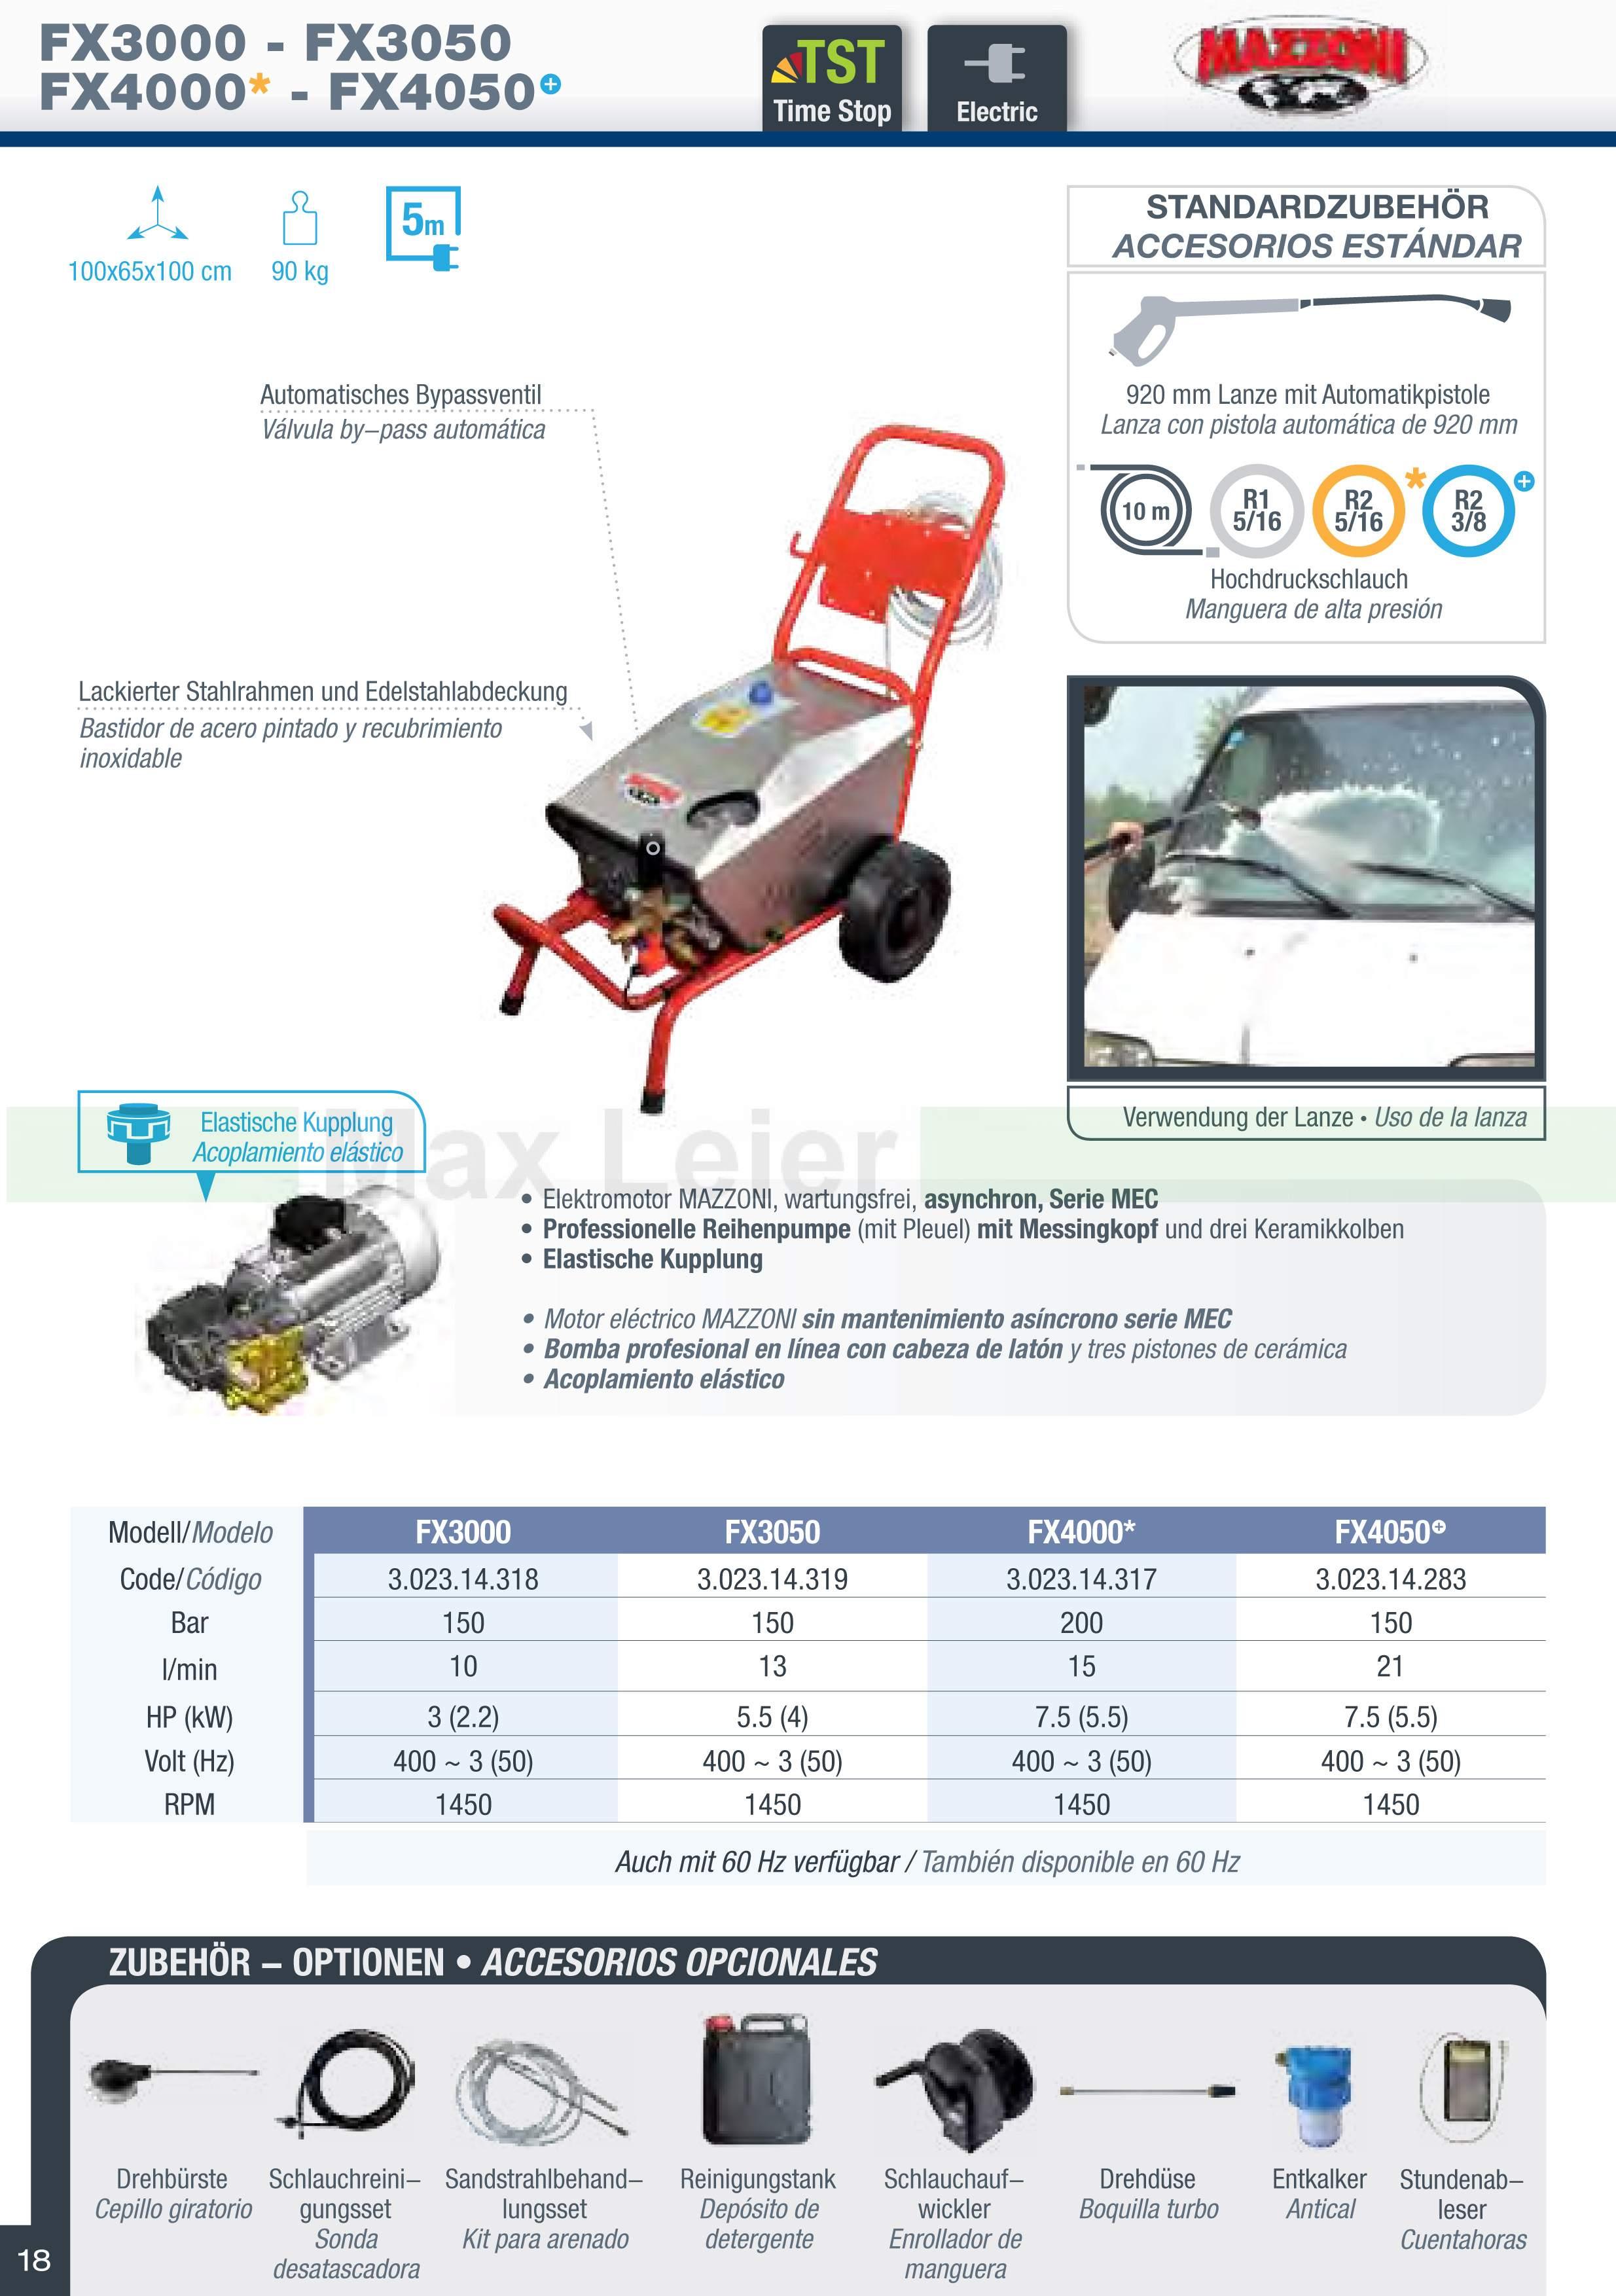 S18-Mazzoni-FX3000-FX3050-FX4000-FX4050